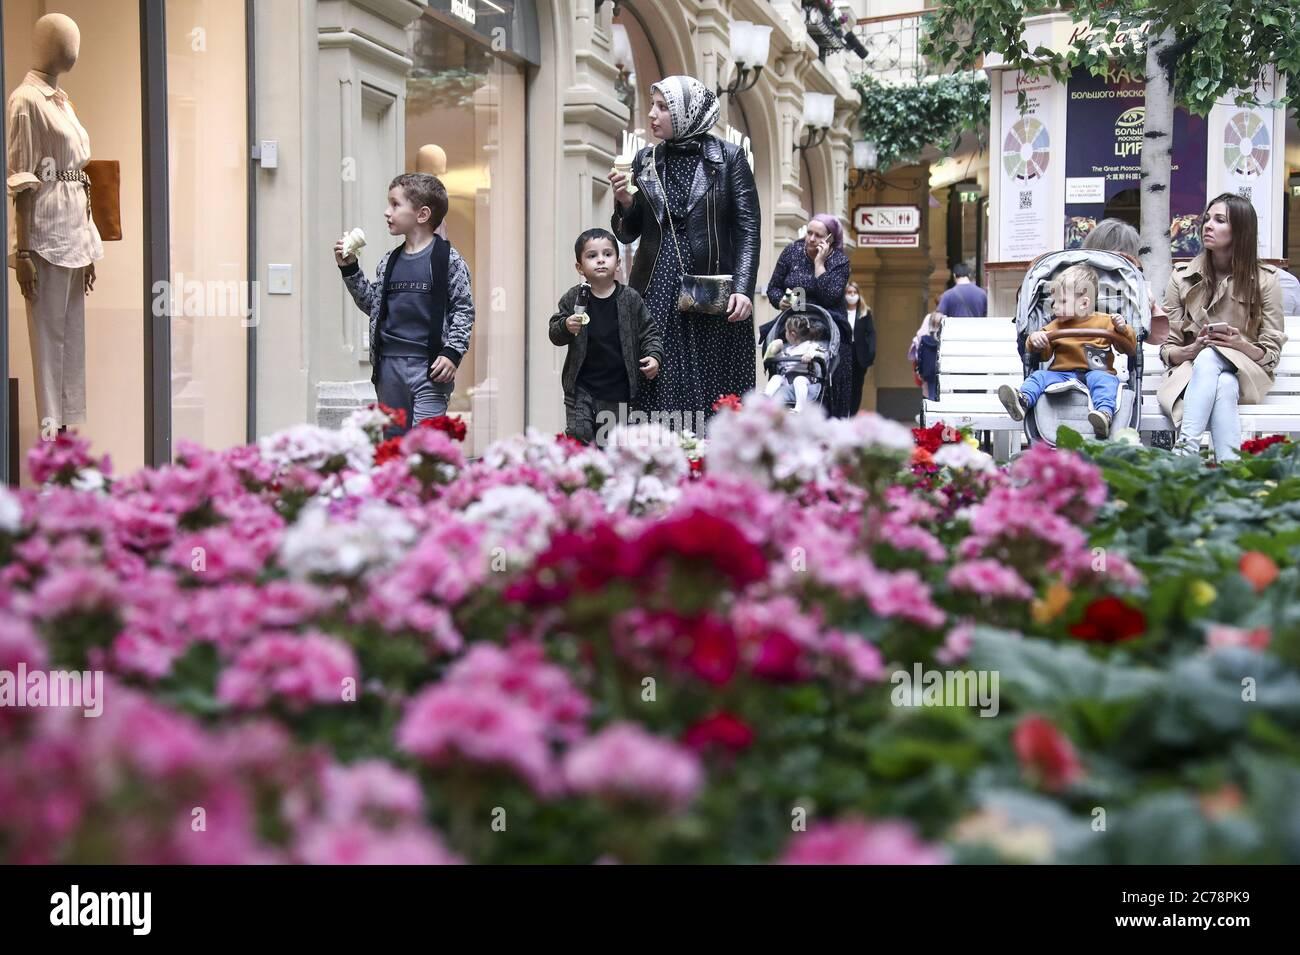 Moskau, Russland. Juli 2020. Während des jährlichen Blumenfestes gehen die Leute im KAUFHAUS KAUGUMMI spazieren. Quelle: Valery Sharifulin/TASS/Alamy Live News Stockfoto